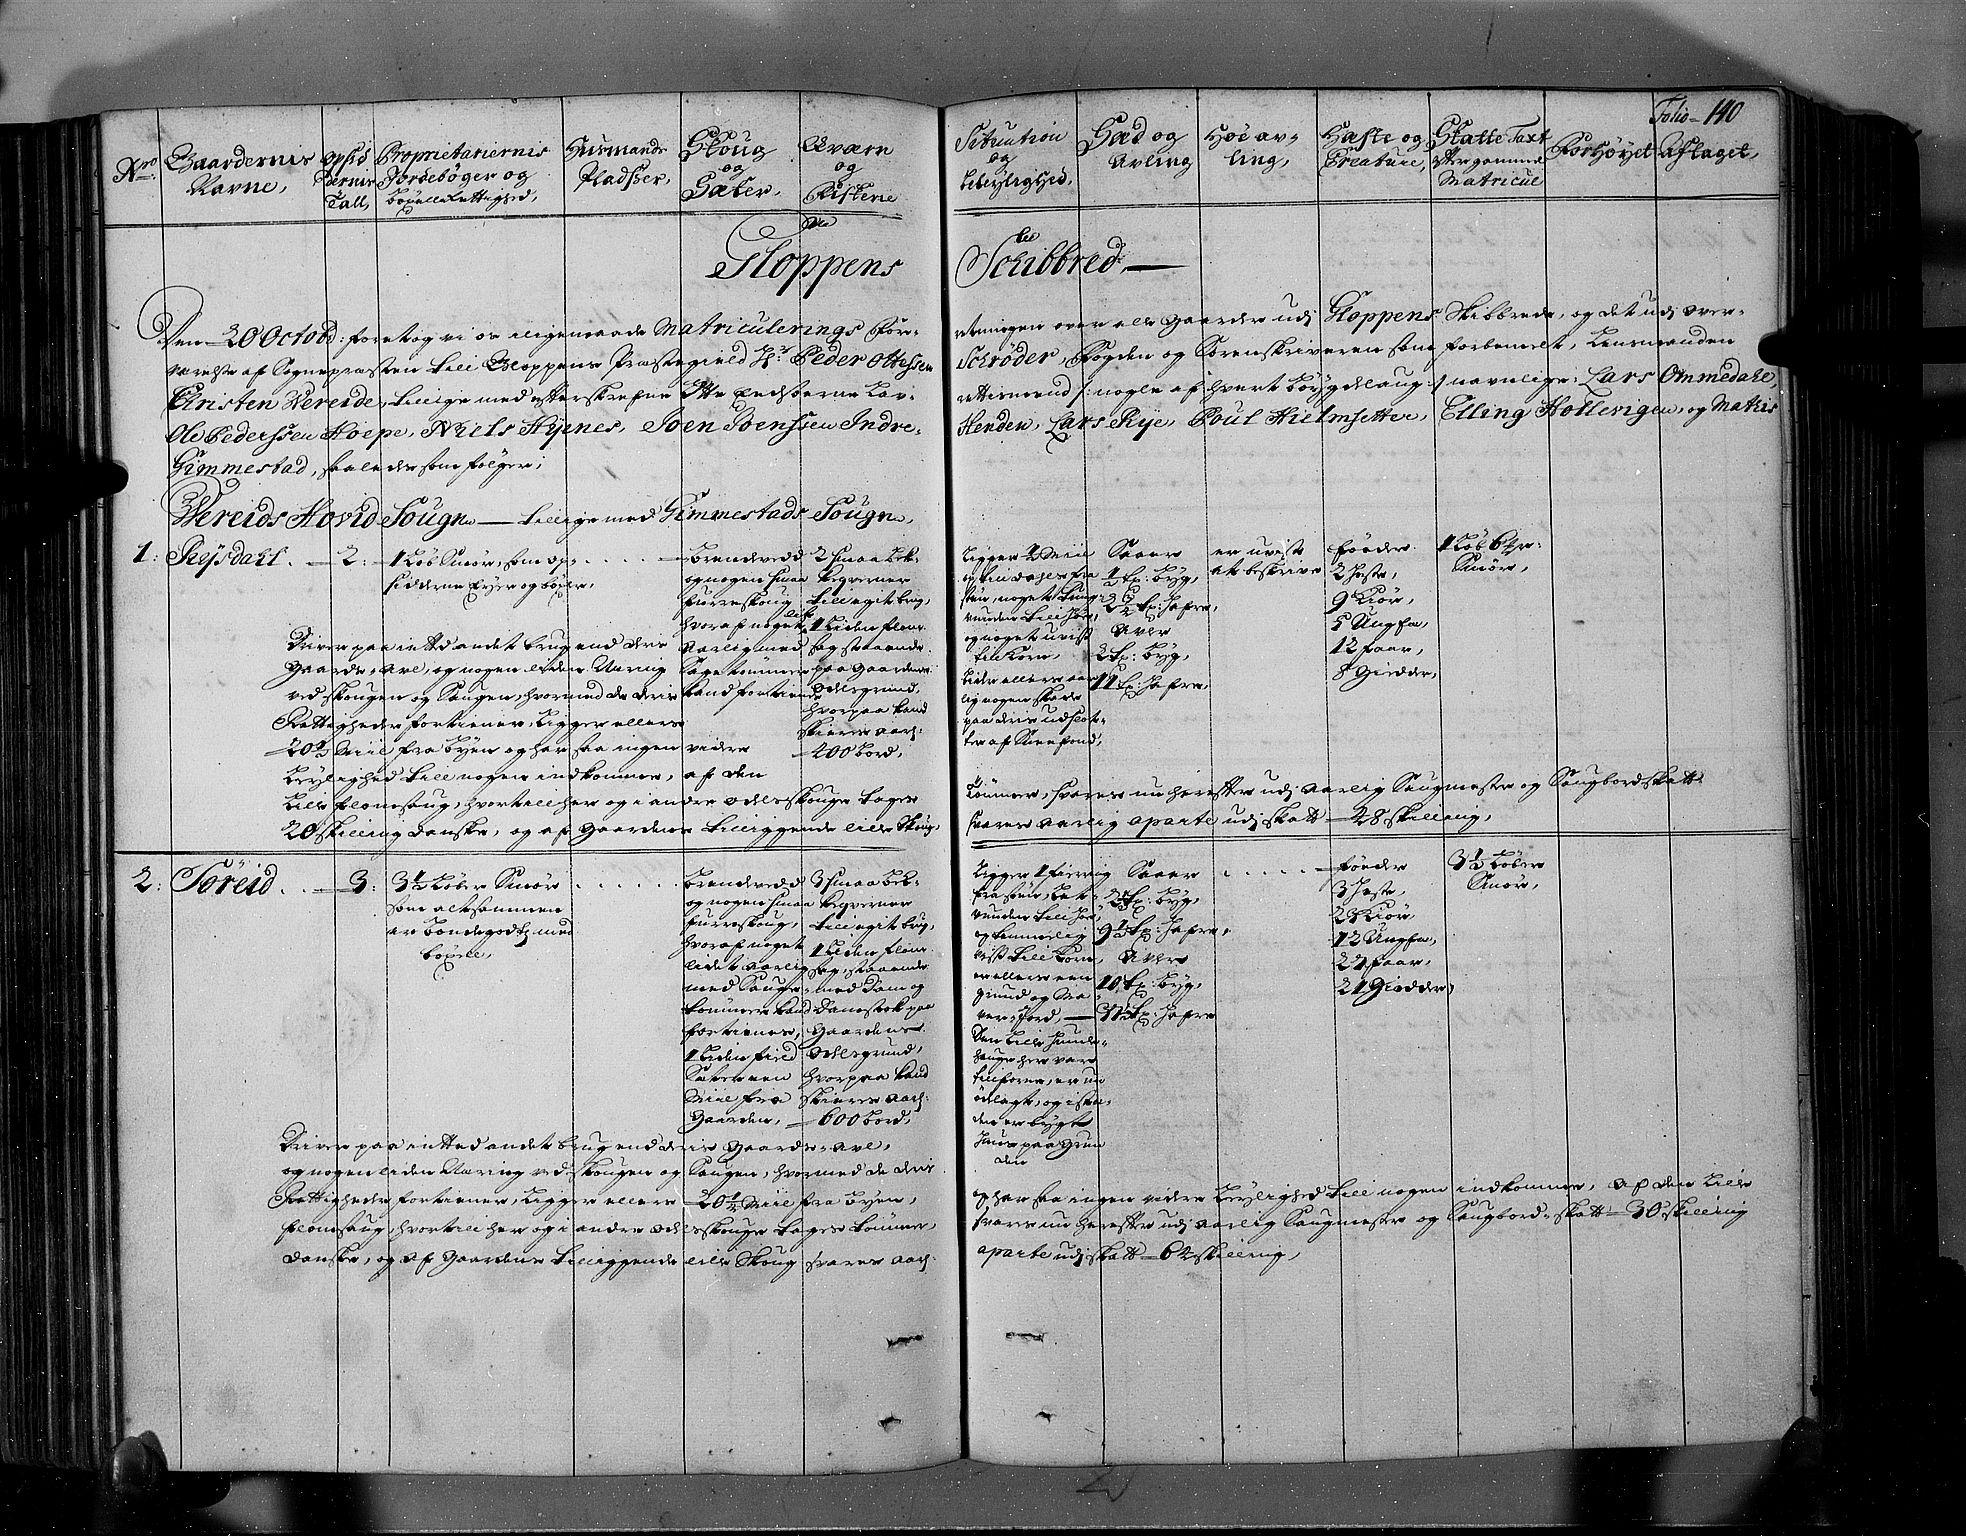 RA, Rentekammeret inntil 1814, Realistisk ordnet avdeling, N/Nb/Nbf/L0146: Sunnfjord og Nordfjord eksaminasjonsprotokoll, 1723, s. 139b-140a